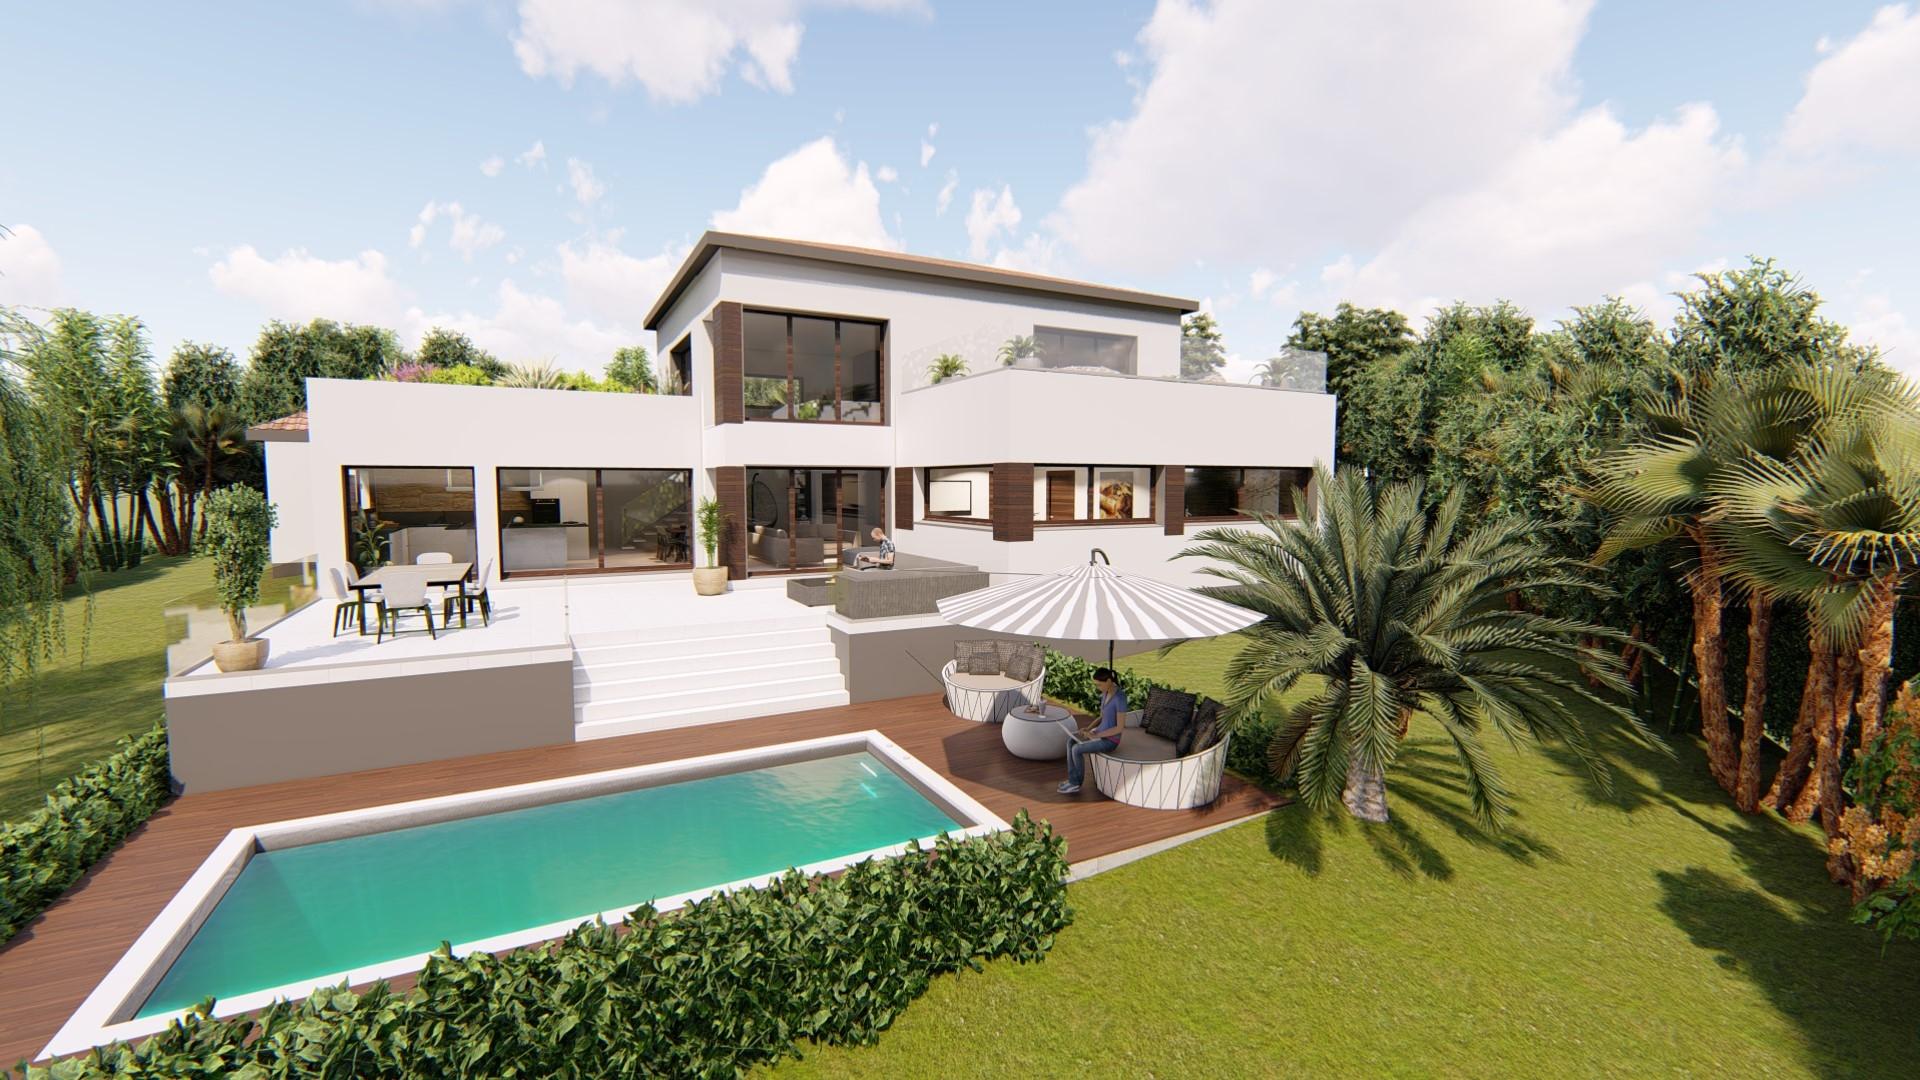 Maisons + Terrains du constructeur VILLAS SUD CREATION • 180 m² • LANTA